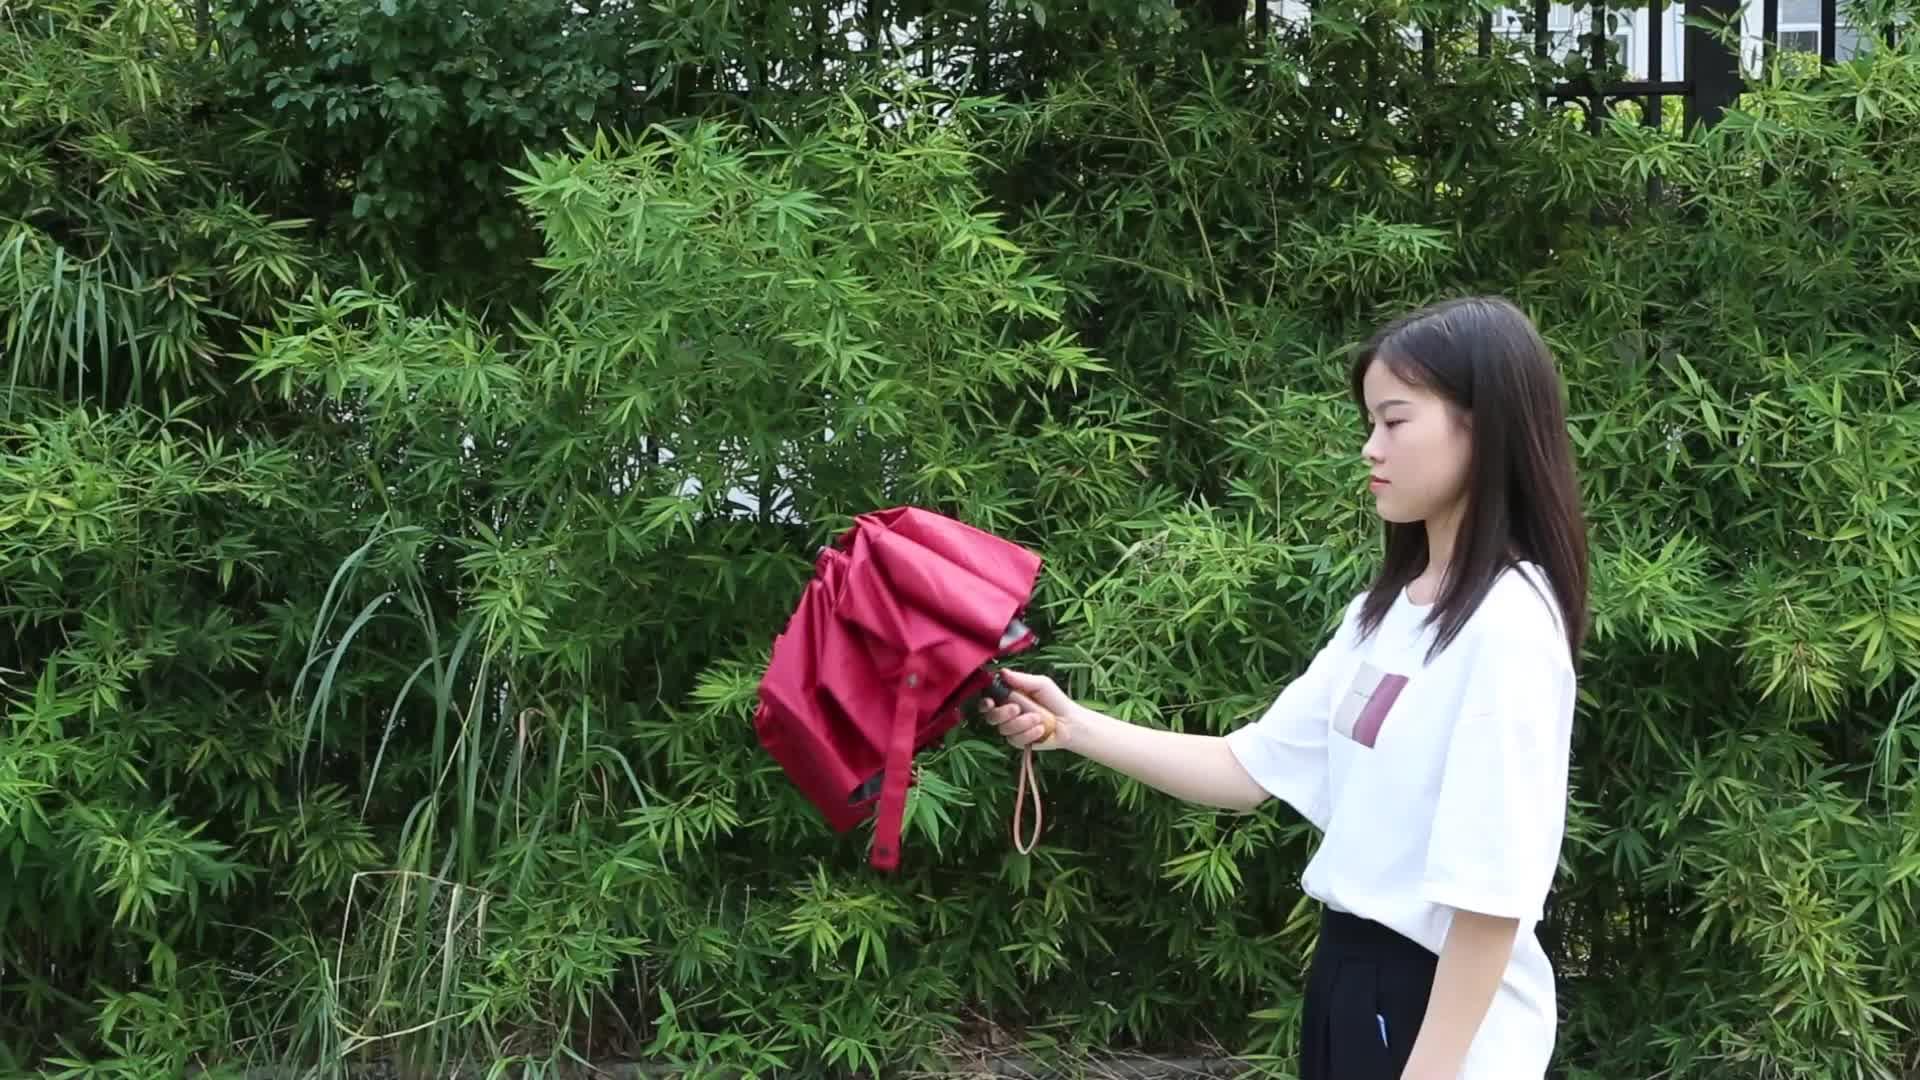 Automatico Antivento Cina Ha Fatto di Stampa 3 Volte Ombrello con Protezione Solare